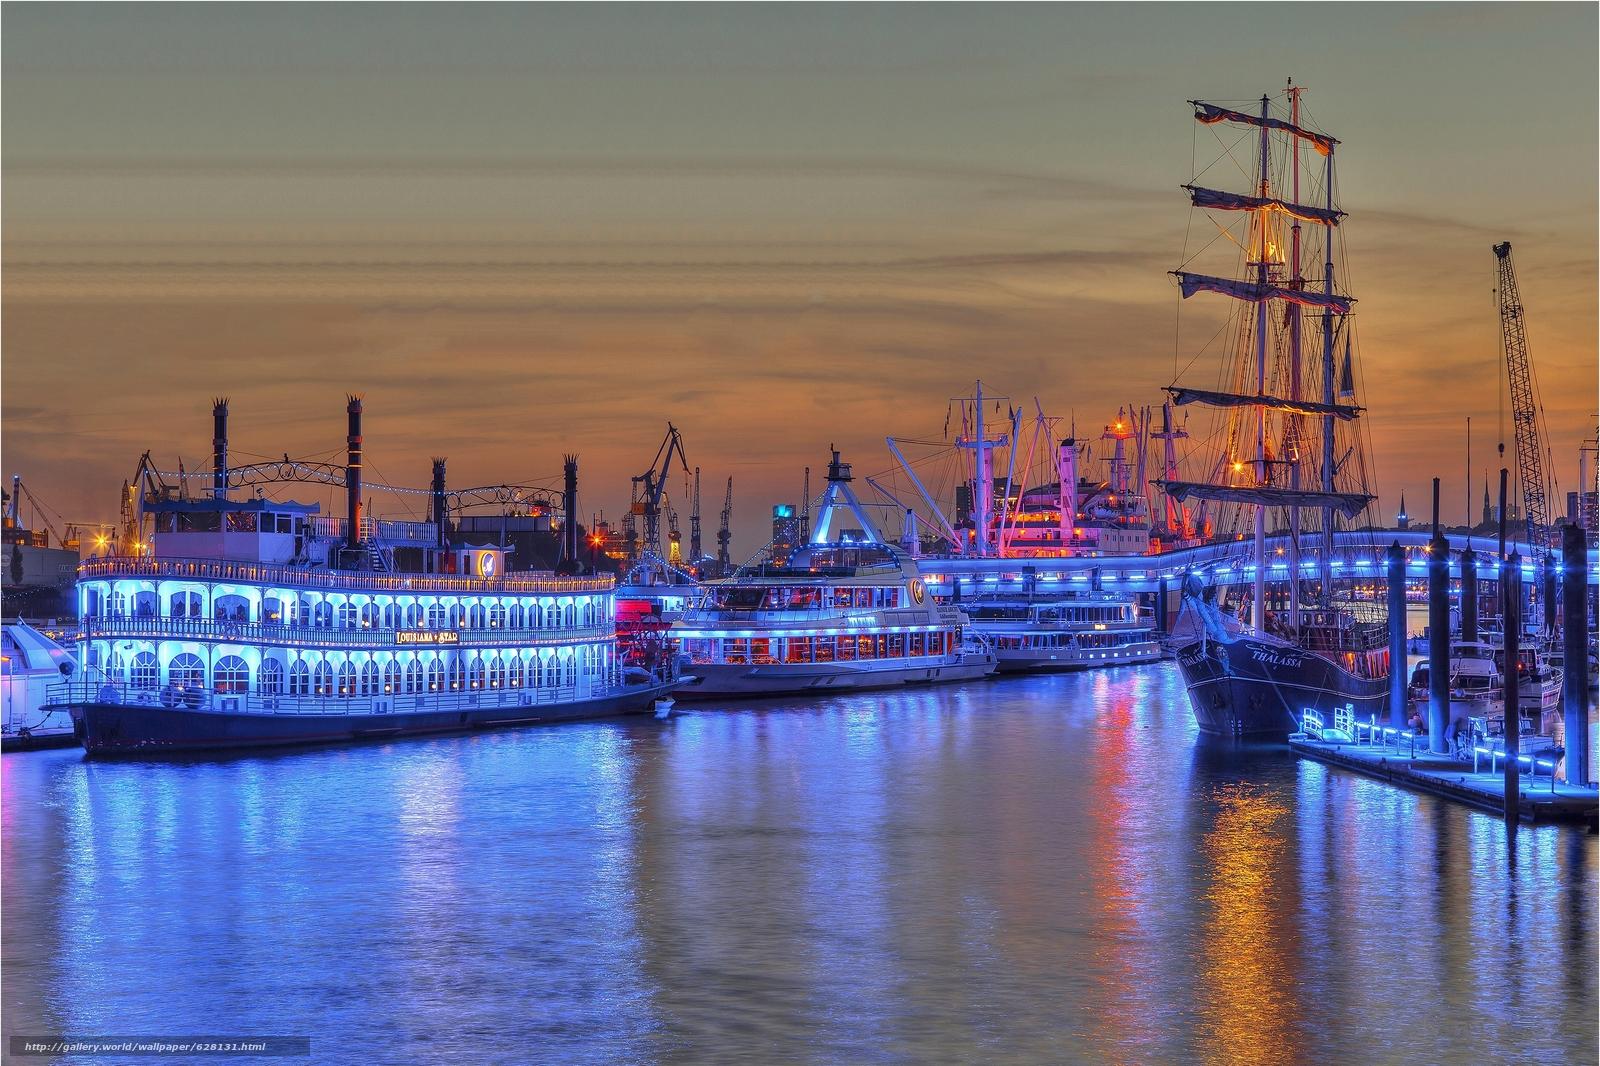 Скачать на телефон обои фото картинку на тему Синий Порт, Гамбург, германия, разширение 3547x2364